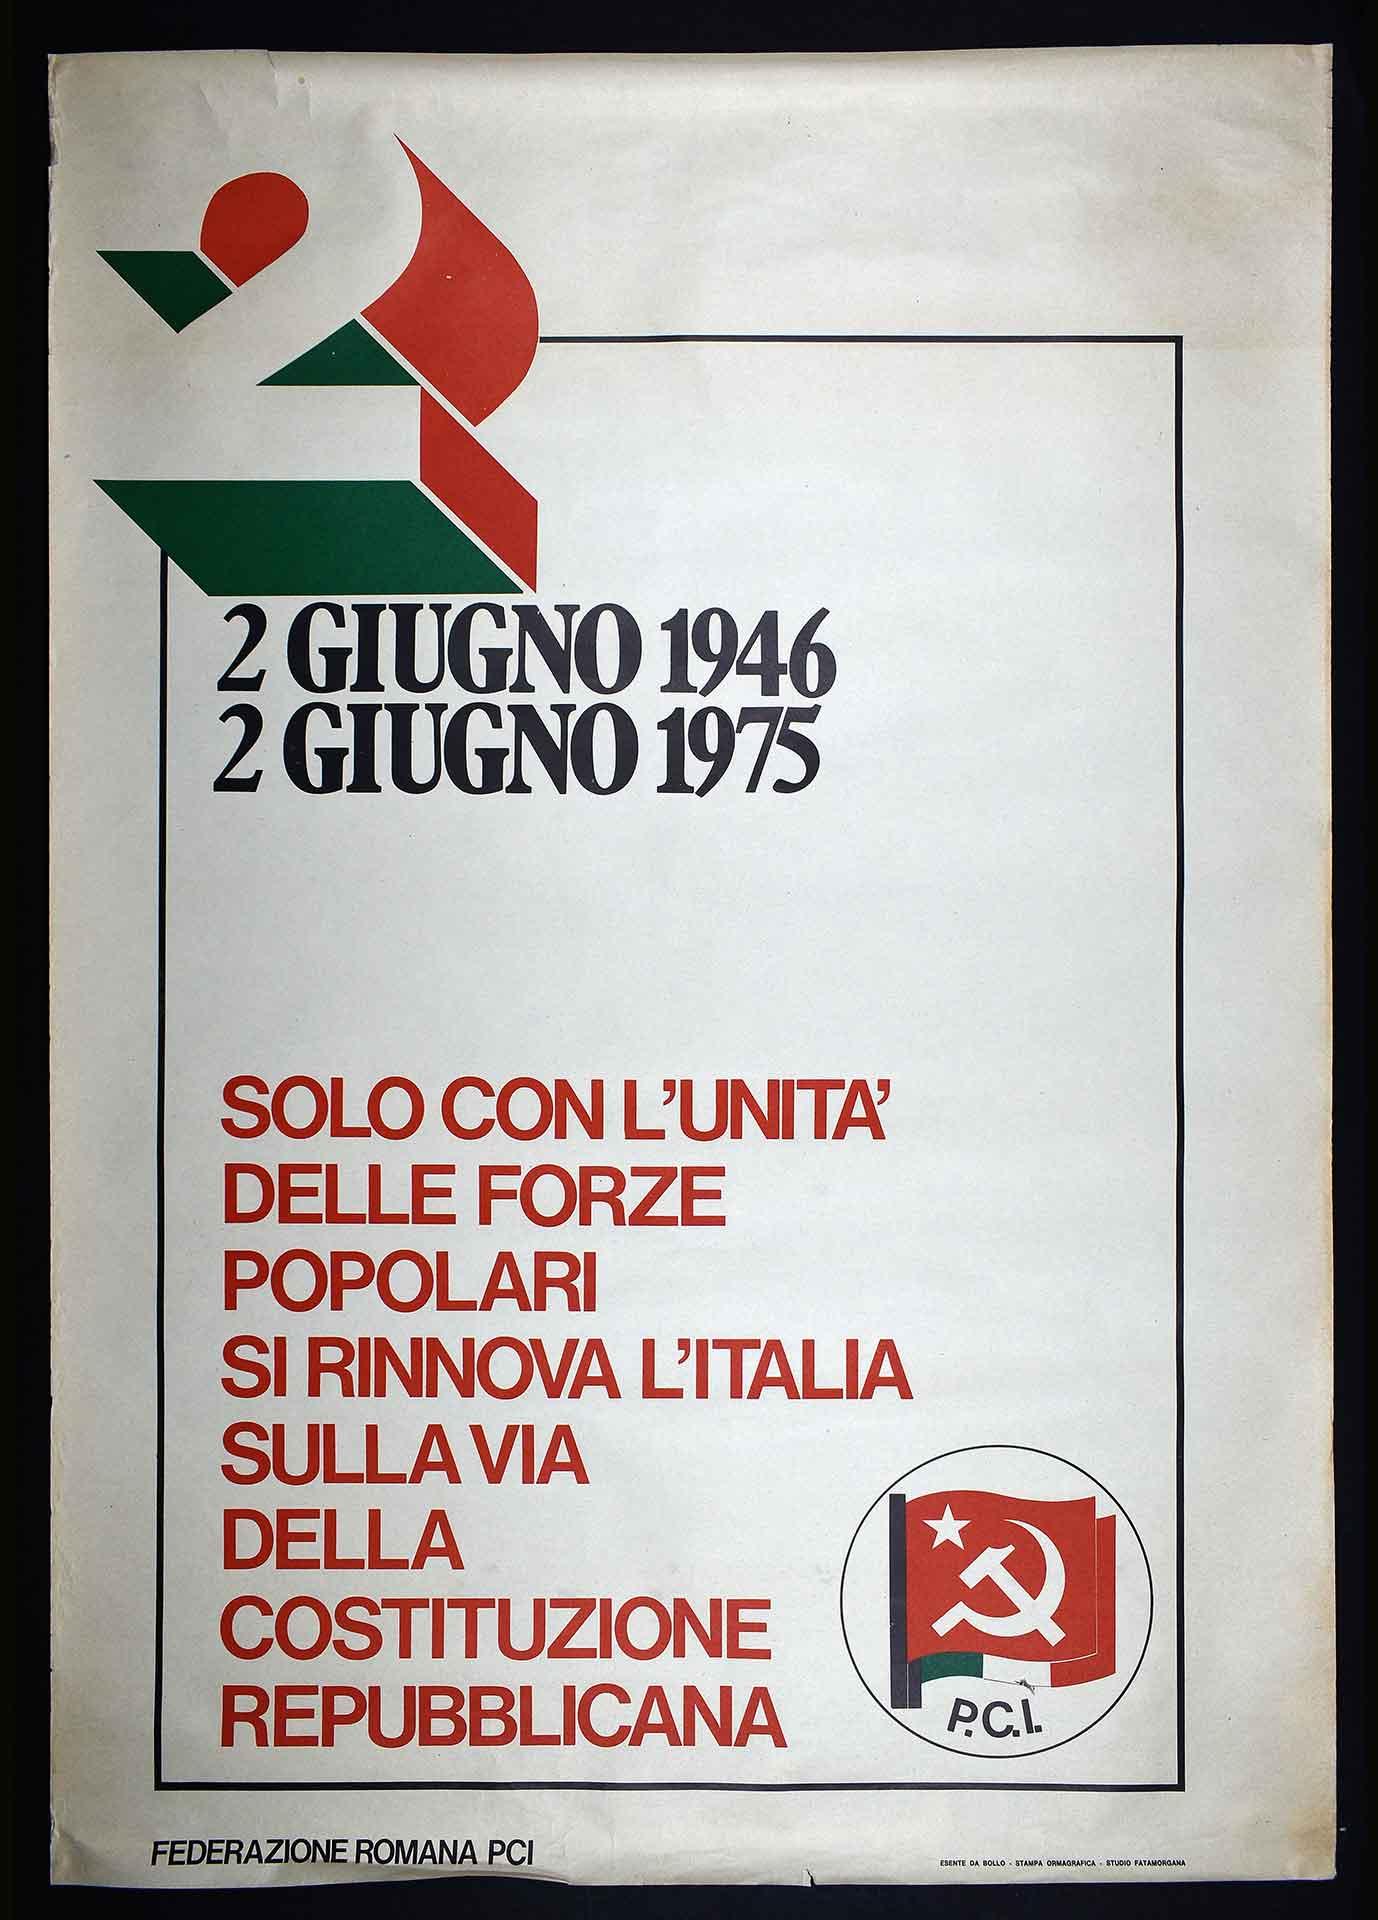 La Federazione romana del Partito comunista italiano (PCI) celebra il 29° anniversario della Repubblica italiana. Stampa Ormagrafica, Roma. Studio grafico Fatamorgana. Comunicazione di partito.